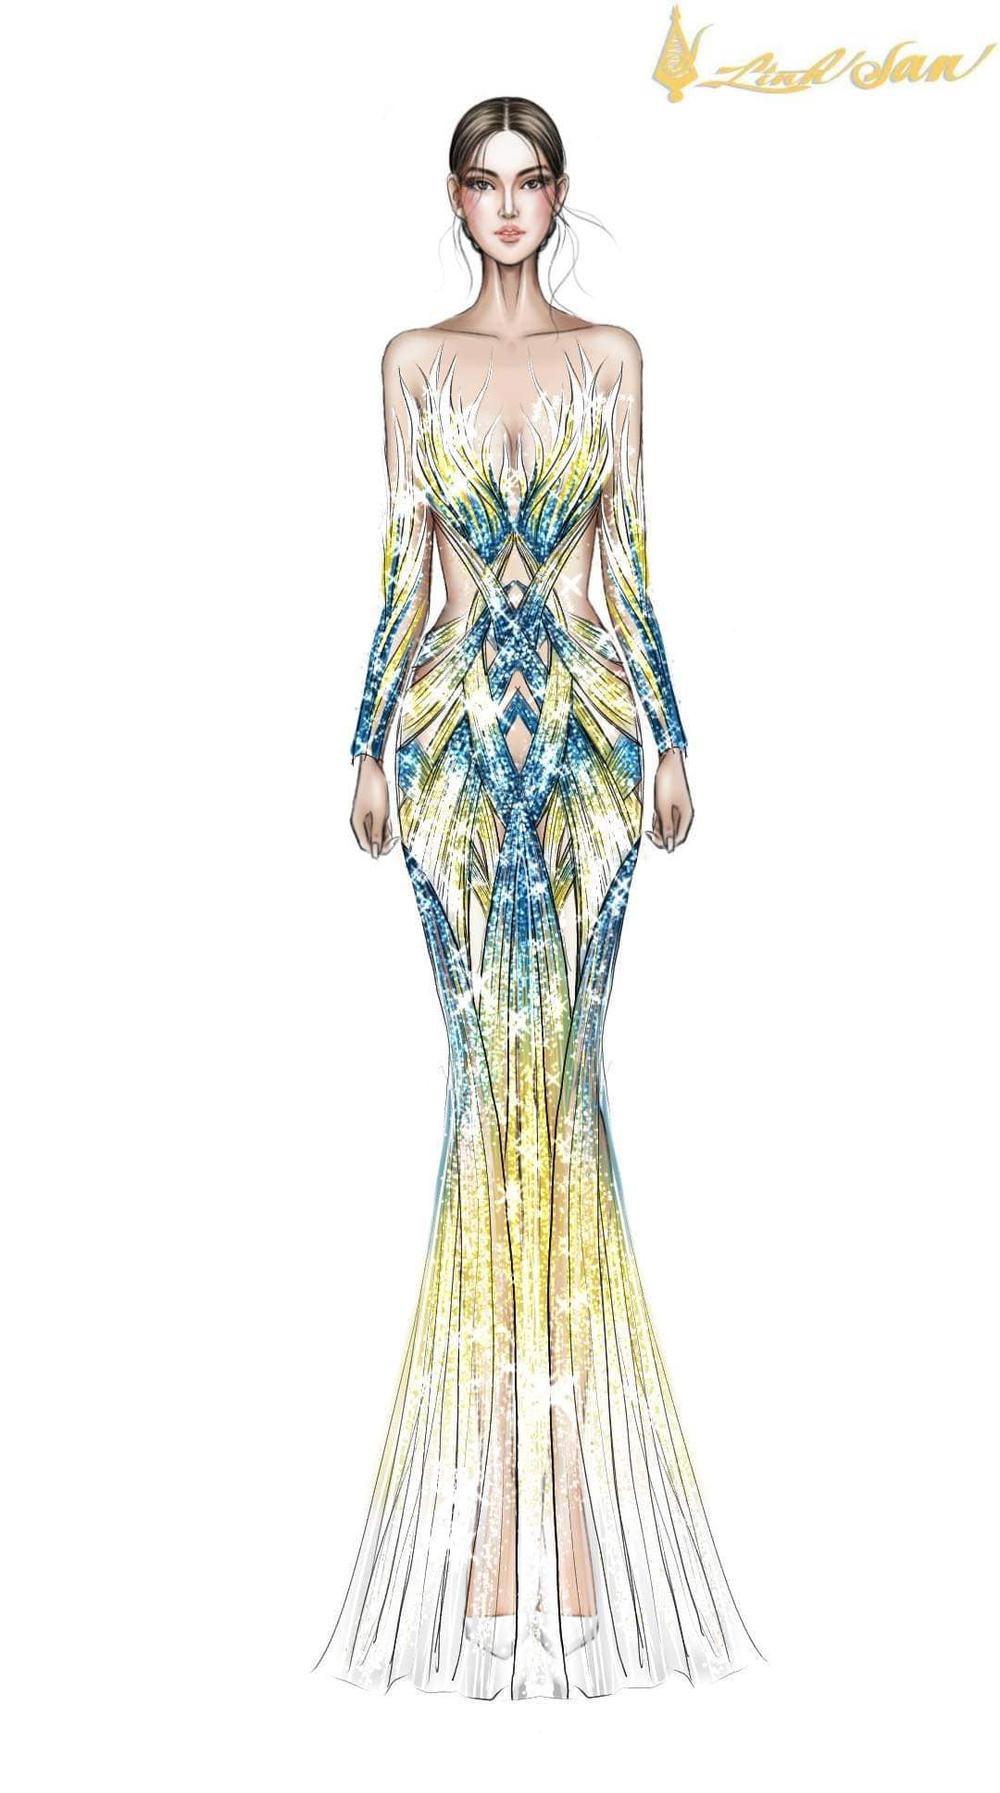 7 bộ váy dạ hội đẹp tinh xảo mà Ngọc Thảo không có cơ hội trình diễn tại Miss Grand International Ảnh 12